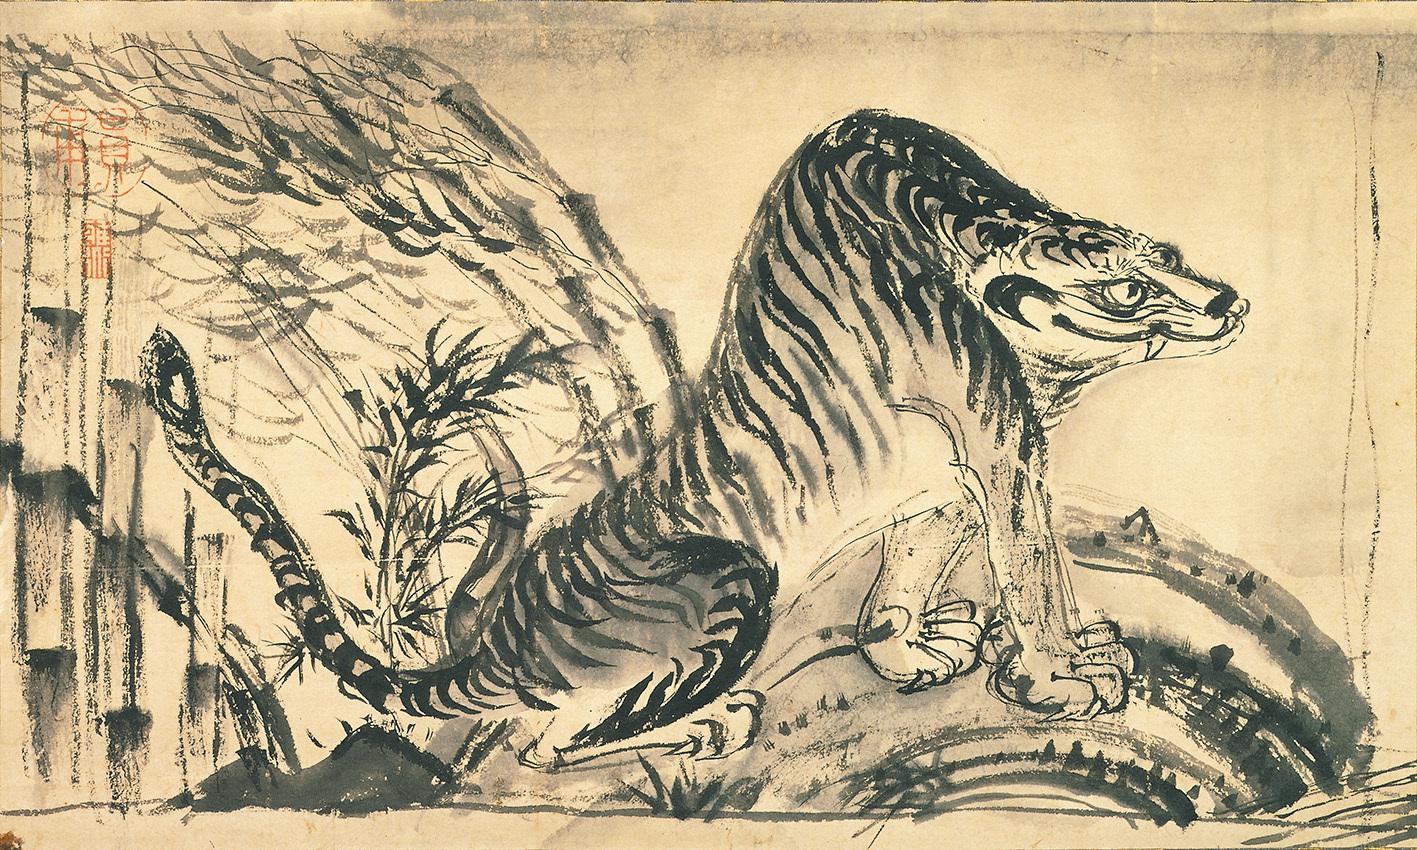 狩野芳崖筆 《竹虎図》 1幅 19.5×32.6cm 奈良県立美術館蔵 【展示期間:3月28日~4月23日】